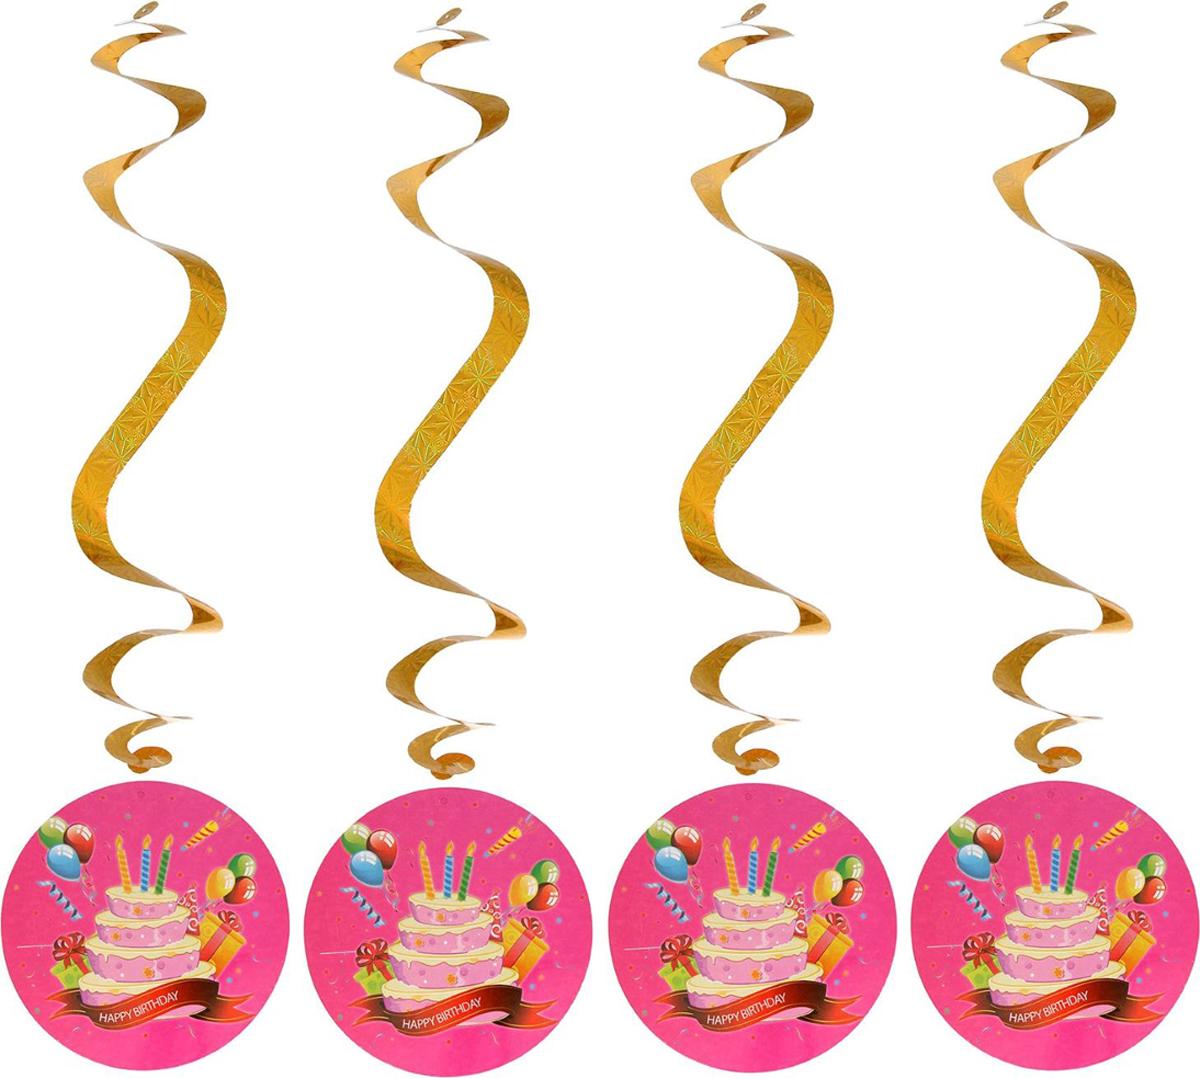 Страна Карнавалия Спираль серпантин Праздничный торт набор 4 шт 1053290 -  Серпантин